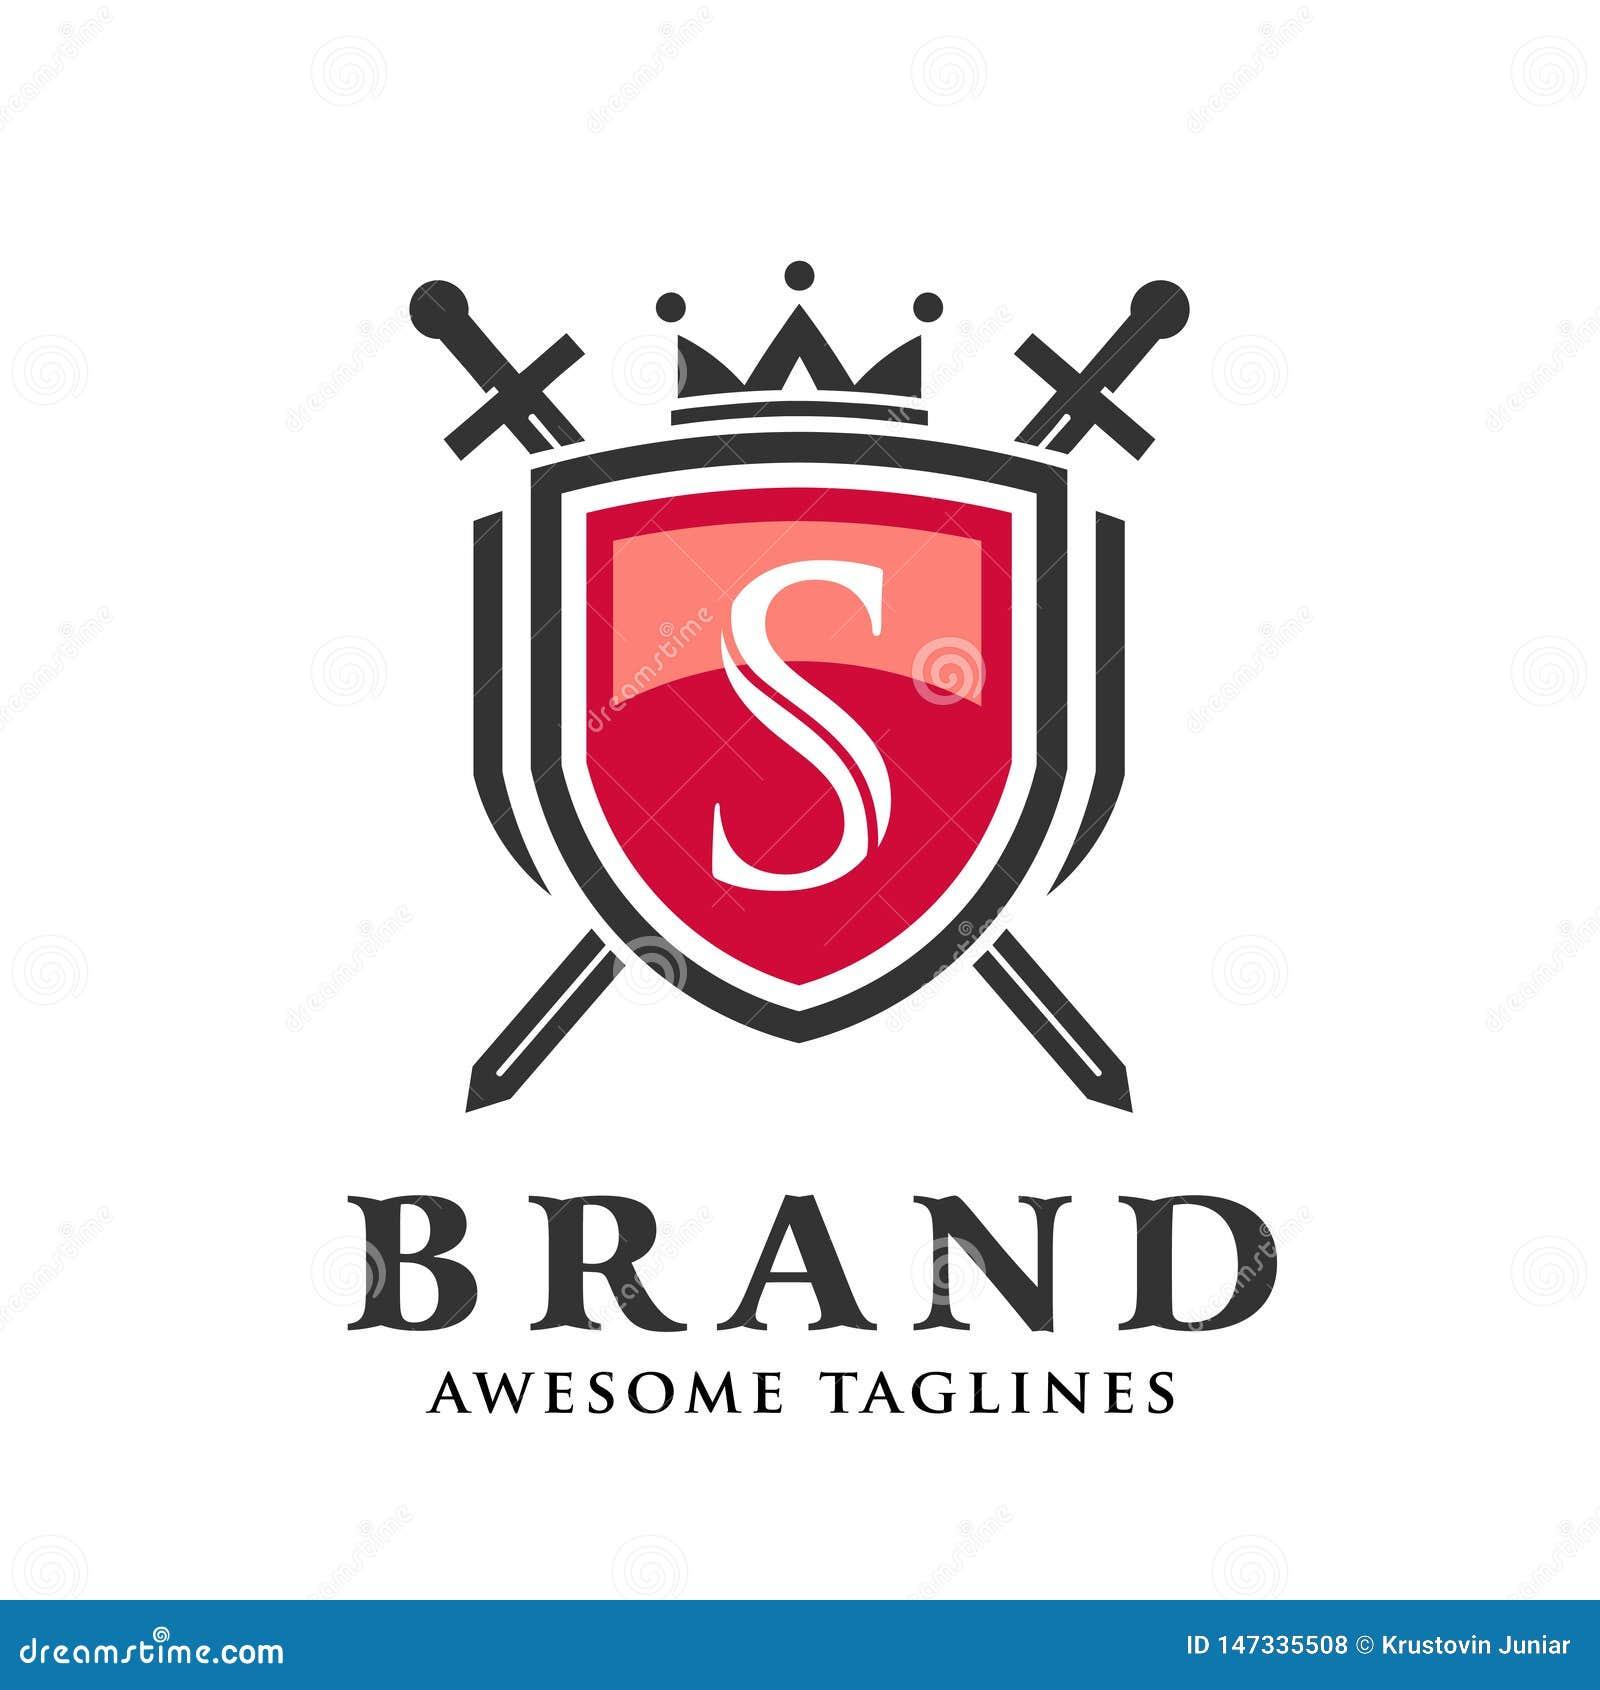 Letra S con dos espadas cruzadas, escudo con el logotipo de la corona